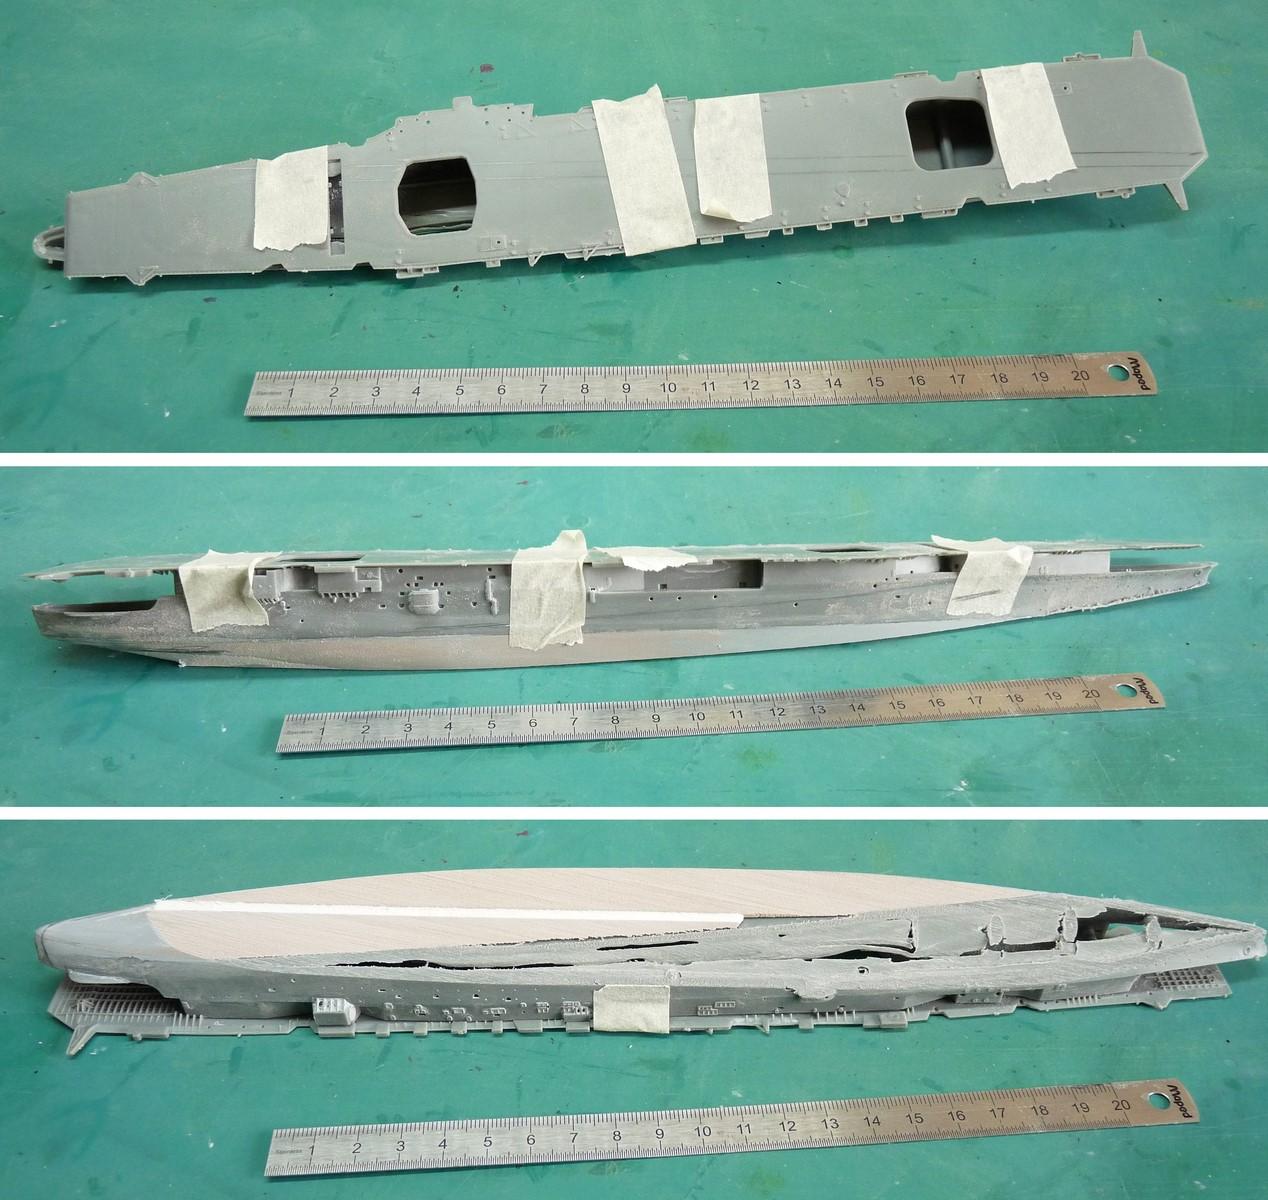 Amagi, porte avions japonais, juillet 1945, 700e Fujimi 17072101043023134915159418